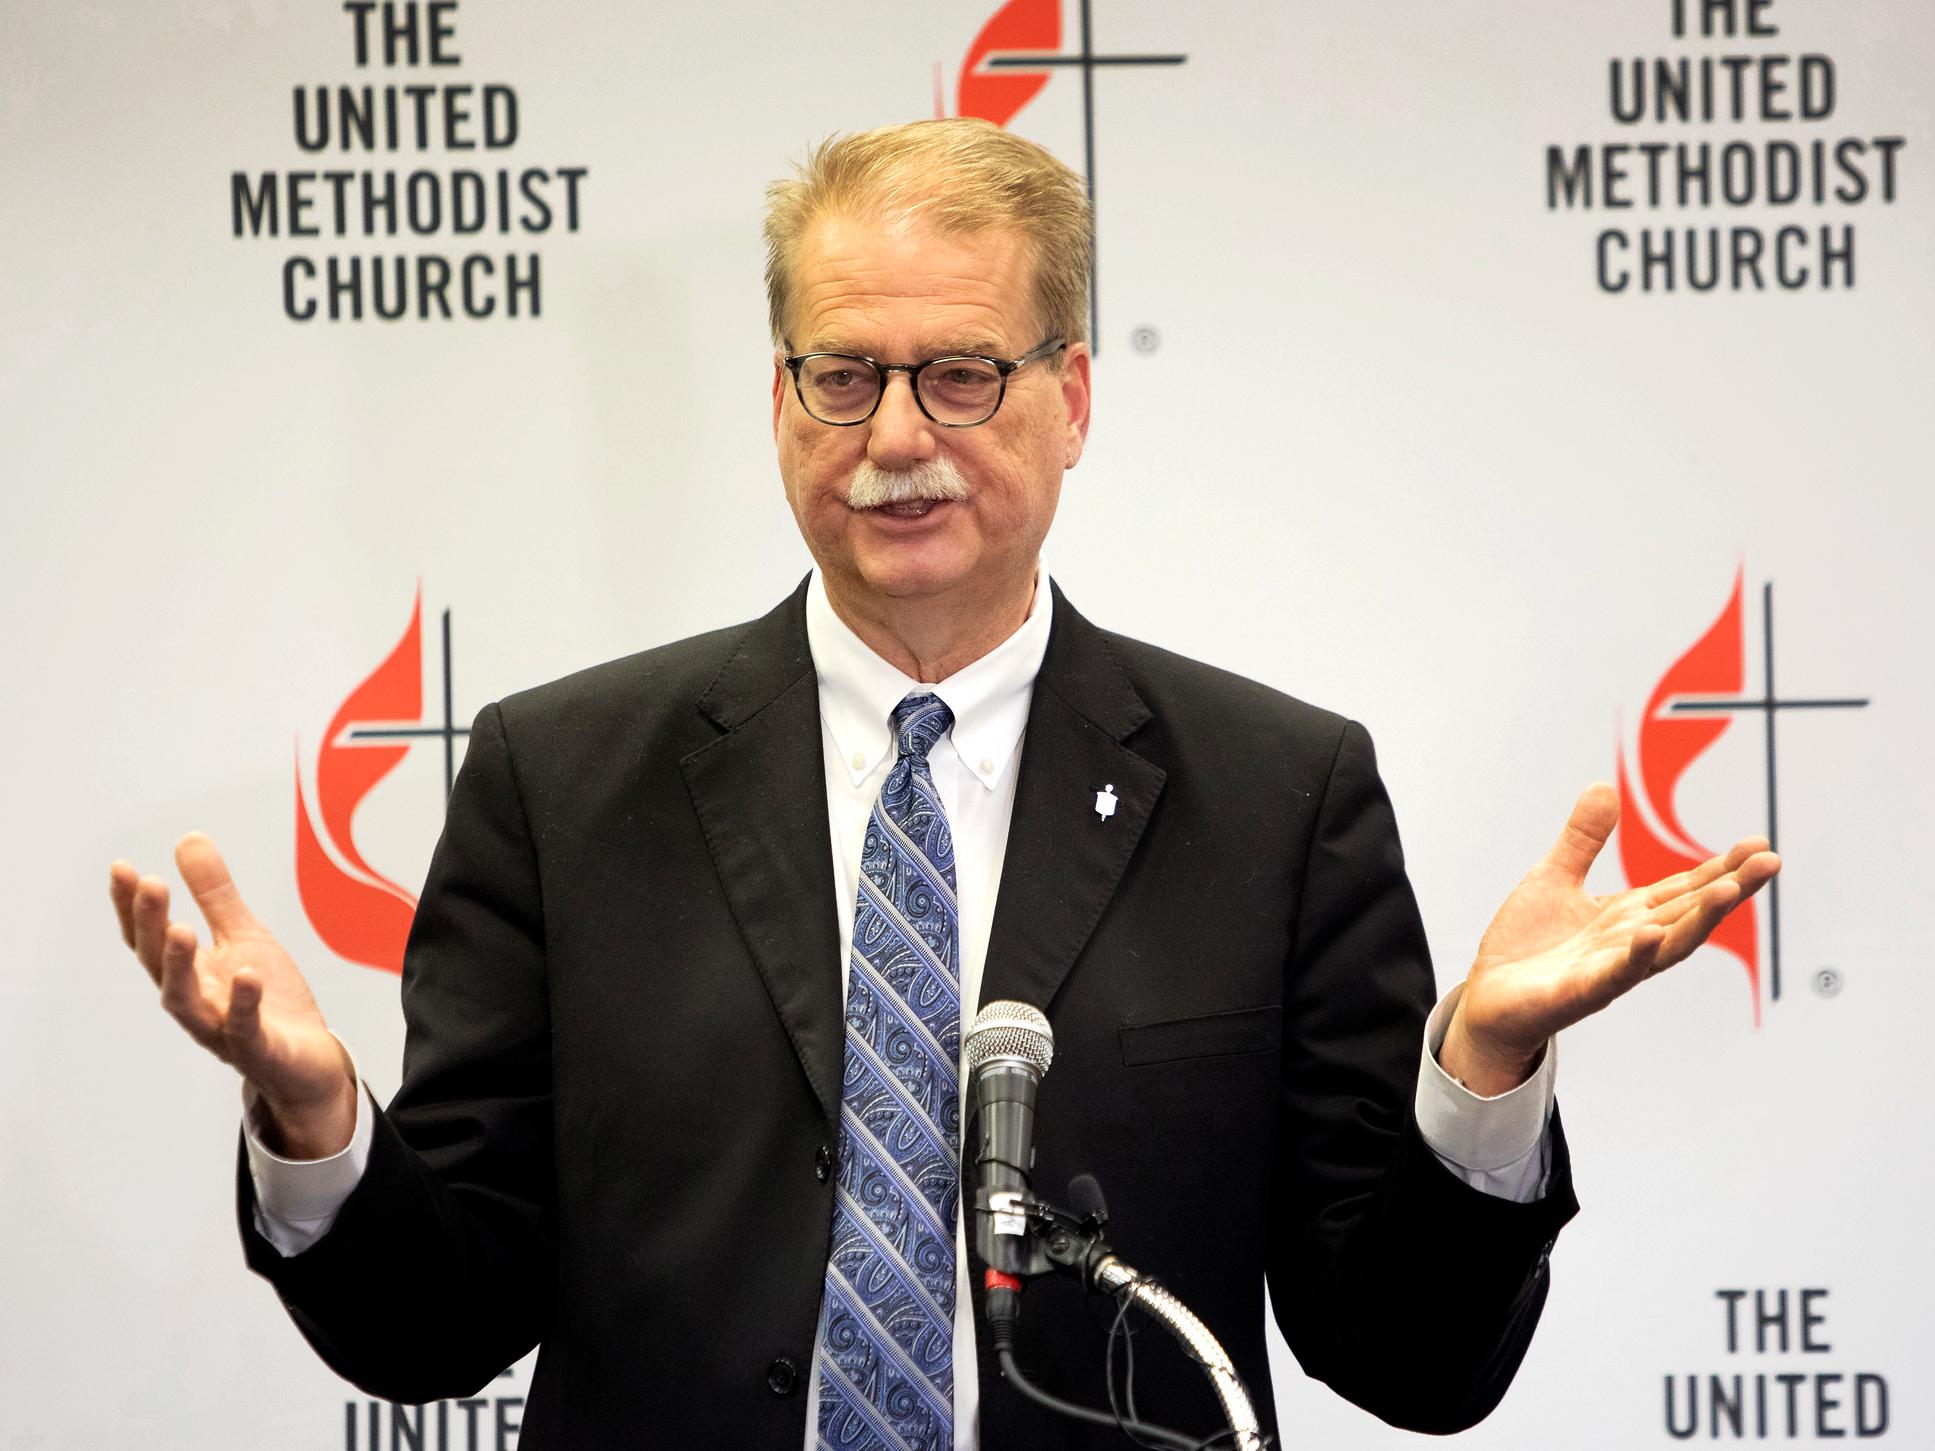 키네스 카터 감독은 2019 년 세인트 루이스에서 열린 연합감리교회 총회가 끝난 후 언론에 발표하고 있다. 케서린 베리, 연합감리교회 뉴스.